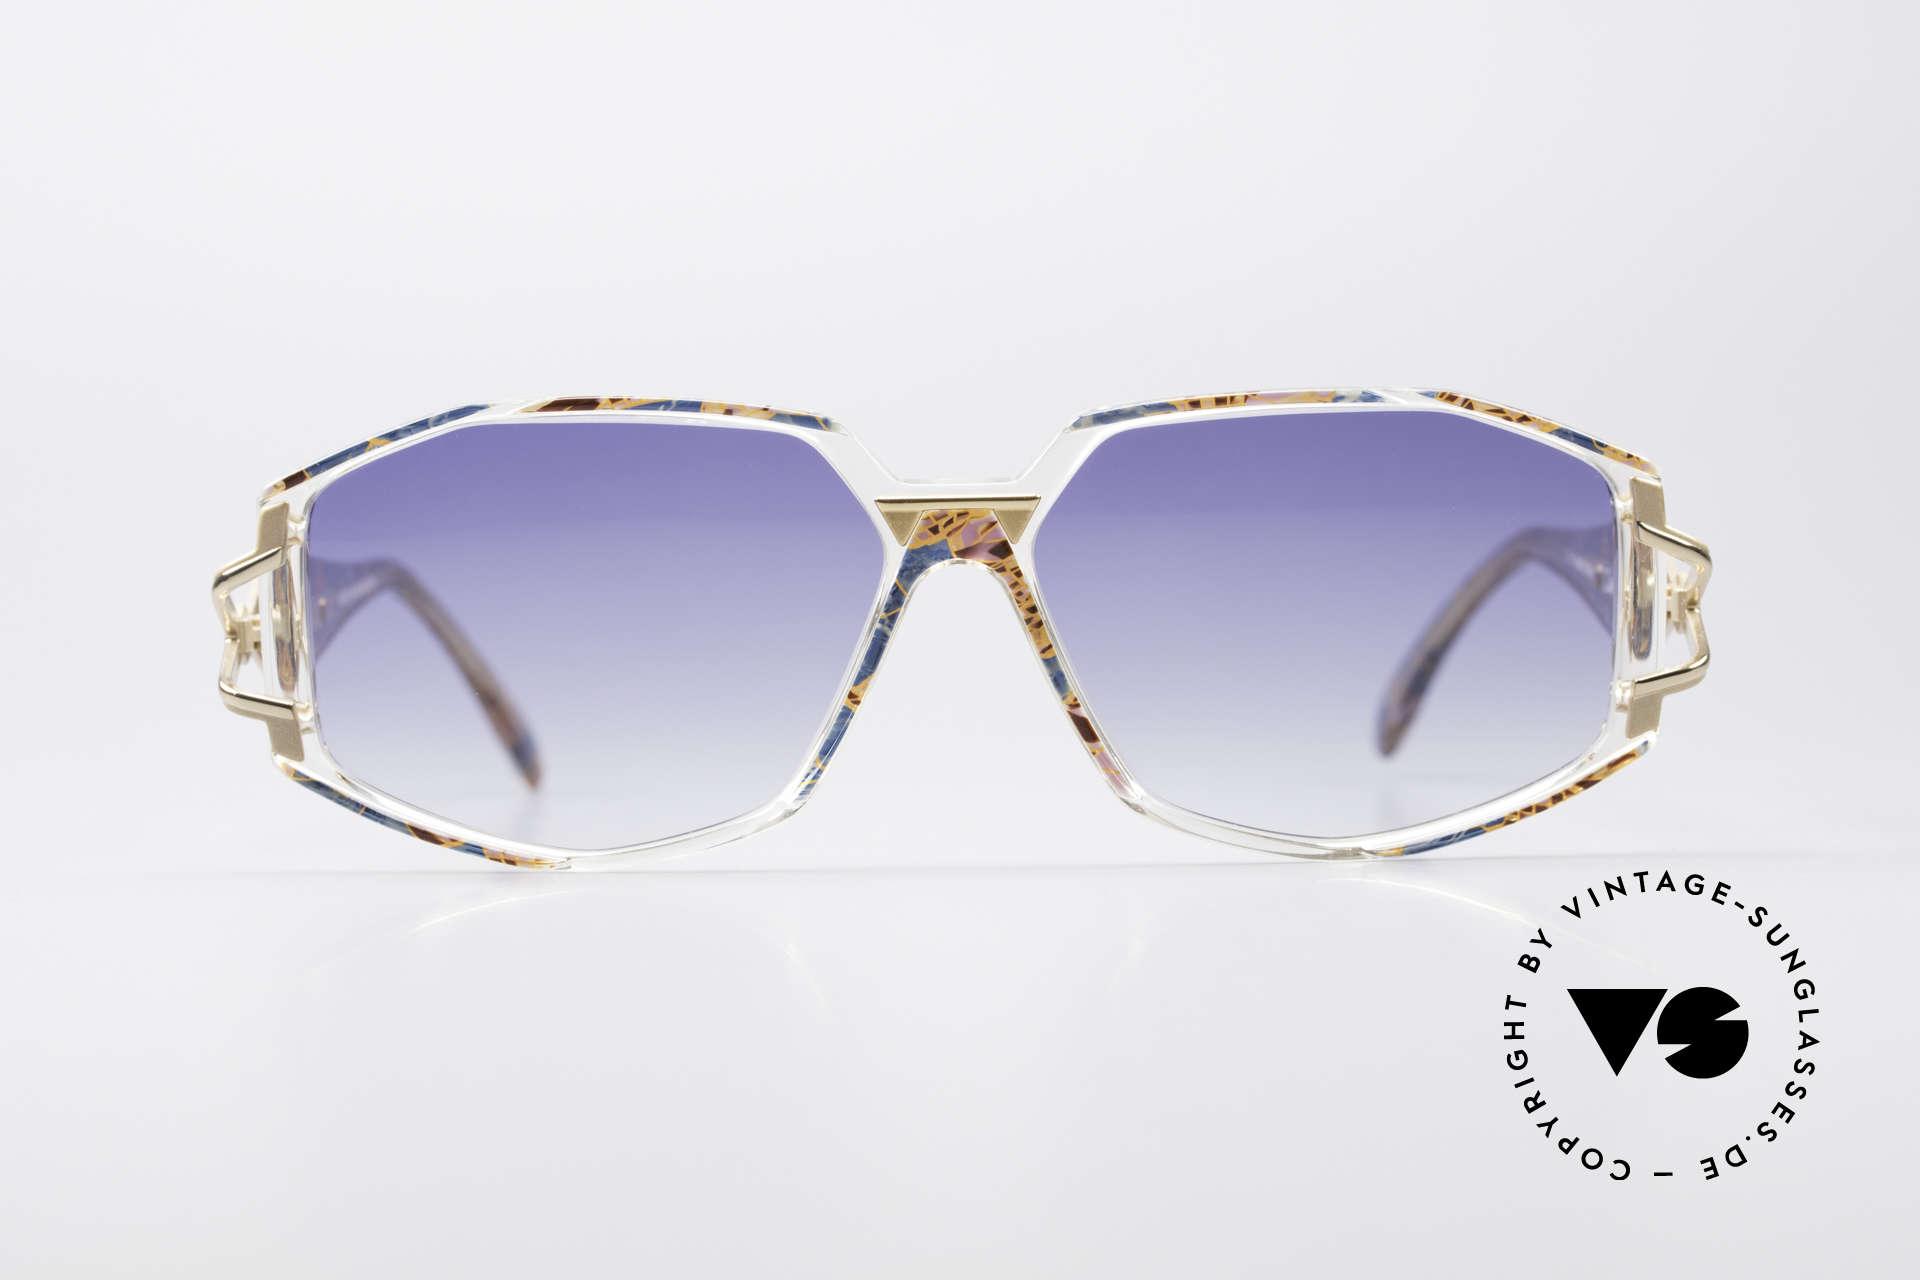 Cazal 368 90er Hip Hop Old School Brille, tolle Gestaltung der Bügelgelenke & Rahmenmuster, Passend für Damen